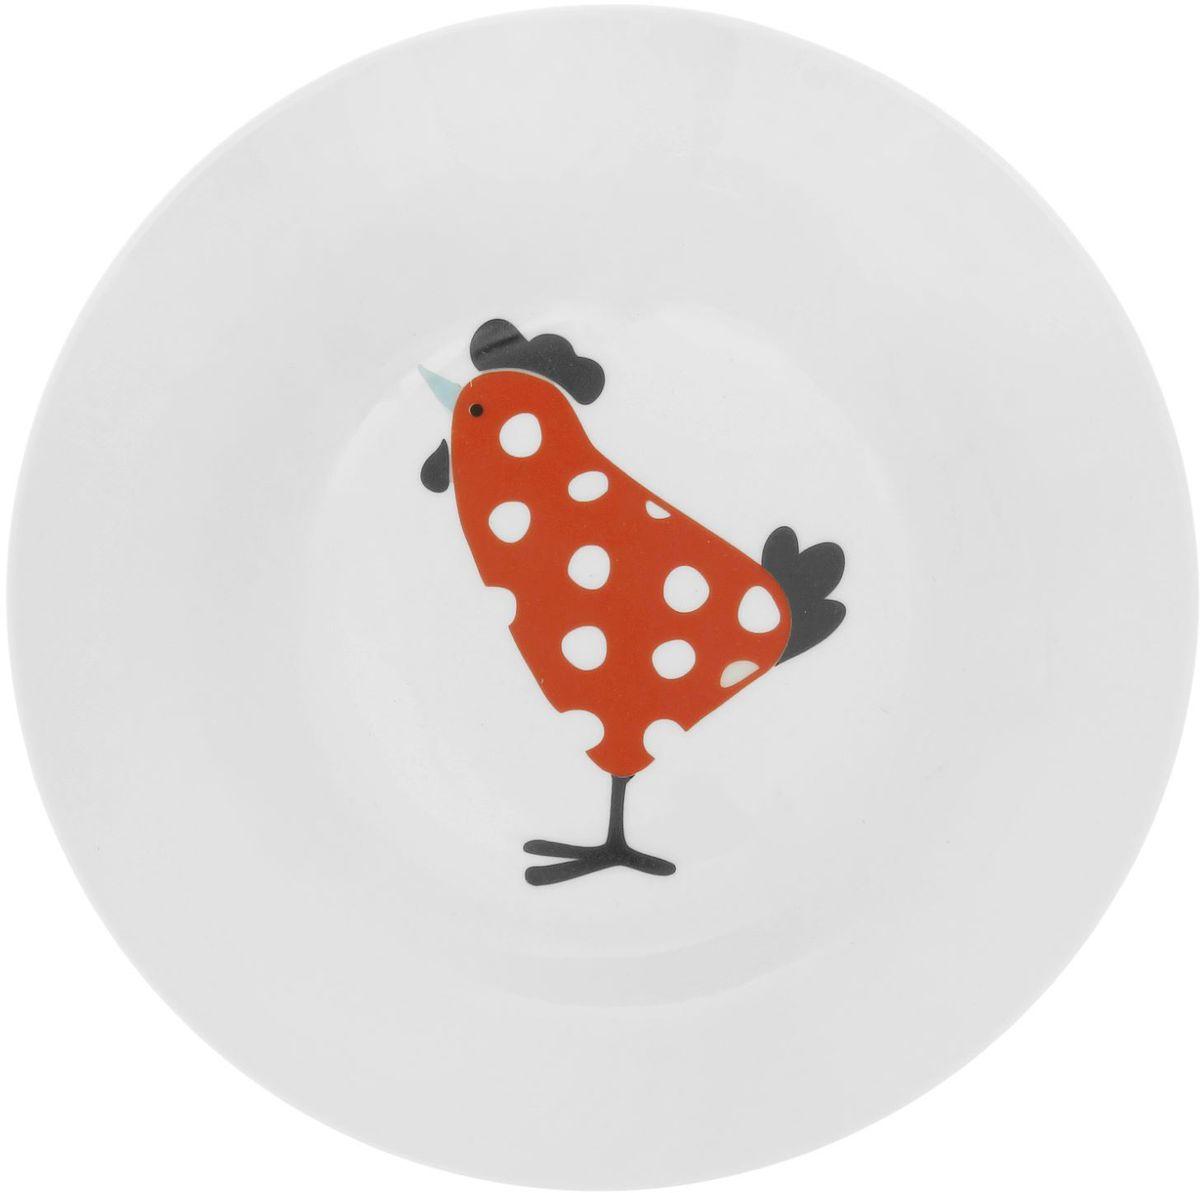 Тарелка глубокая Сотвори чудо My Chicken, диаметр 20 см115510Хотите обновить интерьер кухни или гостиной? Устраиваете необычную фотосессию или тематический праздник? А может, просто ищете подарок для близкого человека? Посуда Сотвори Чудо — правильный выбор в любой ситуации. Тарелка Сотвори Чудо, изготовленная из изящного фаянса нежного сливочного цвета, оформлена оригинальным рисунком со стойкой краской. Пригодна для посудомоечной машины.